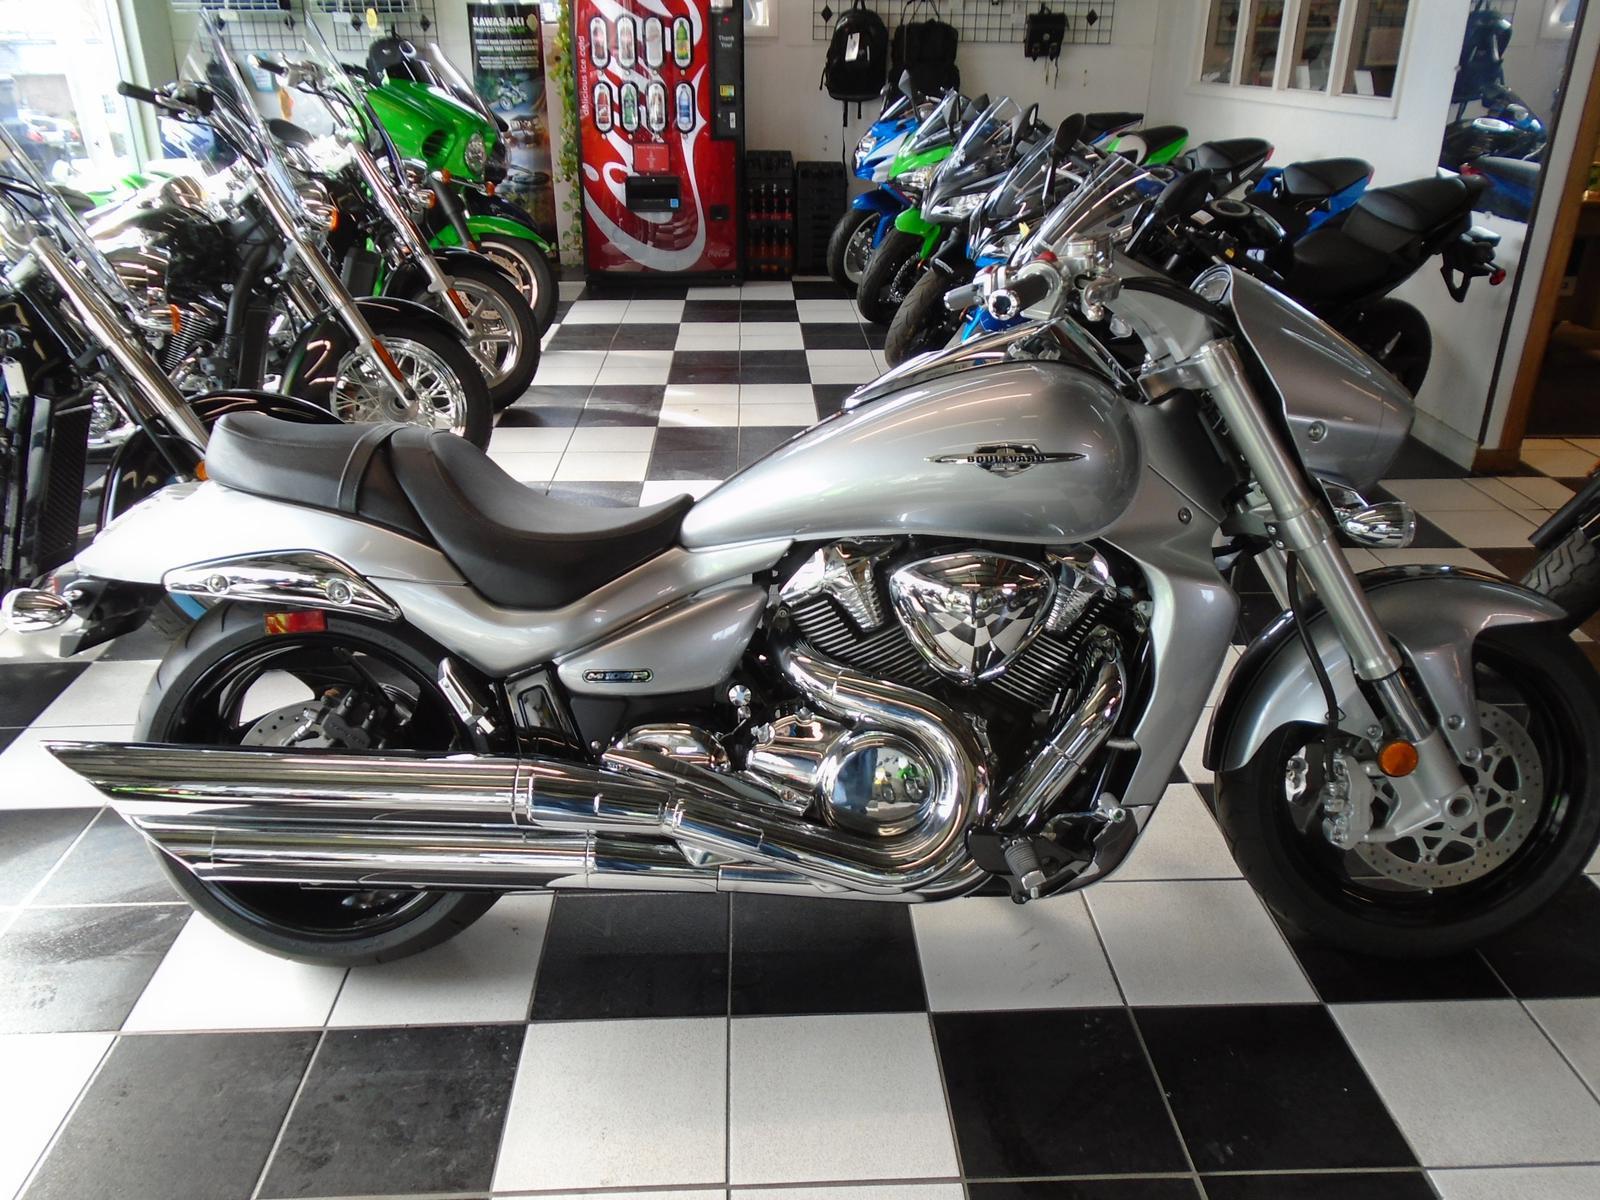 2014 Suzuki Boulevard M109R Limited Edition for sale in Bridgeport ...